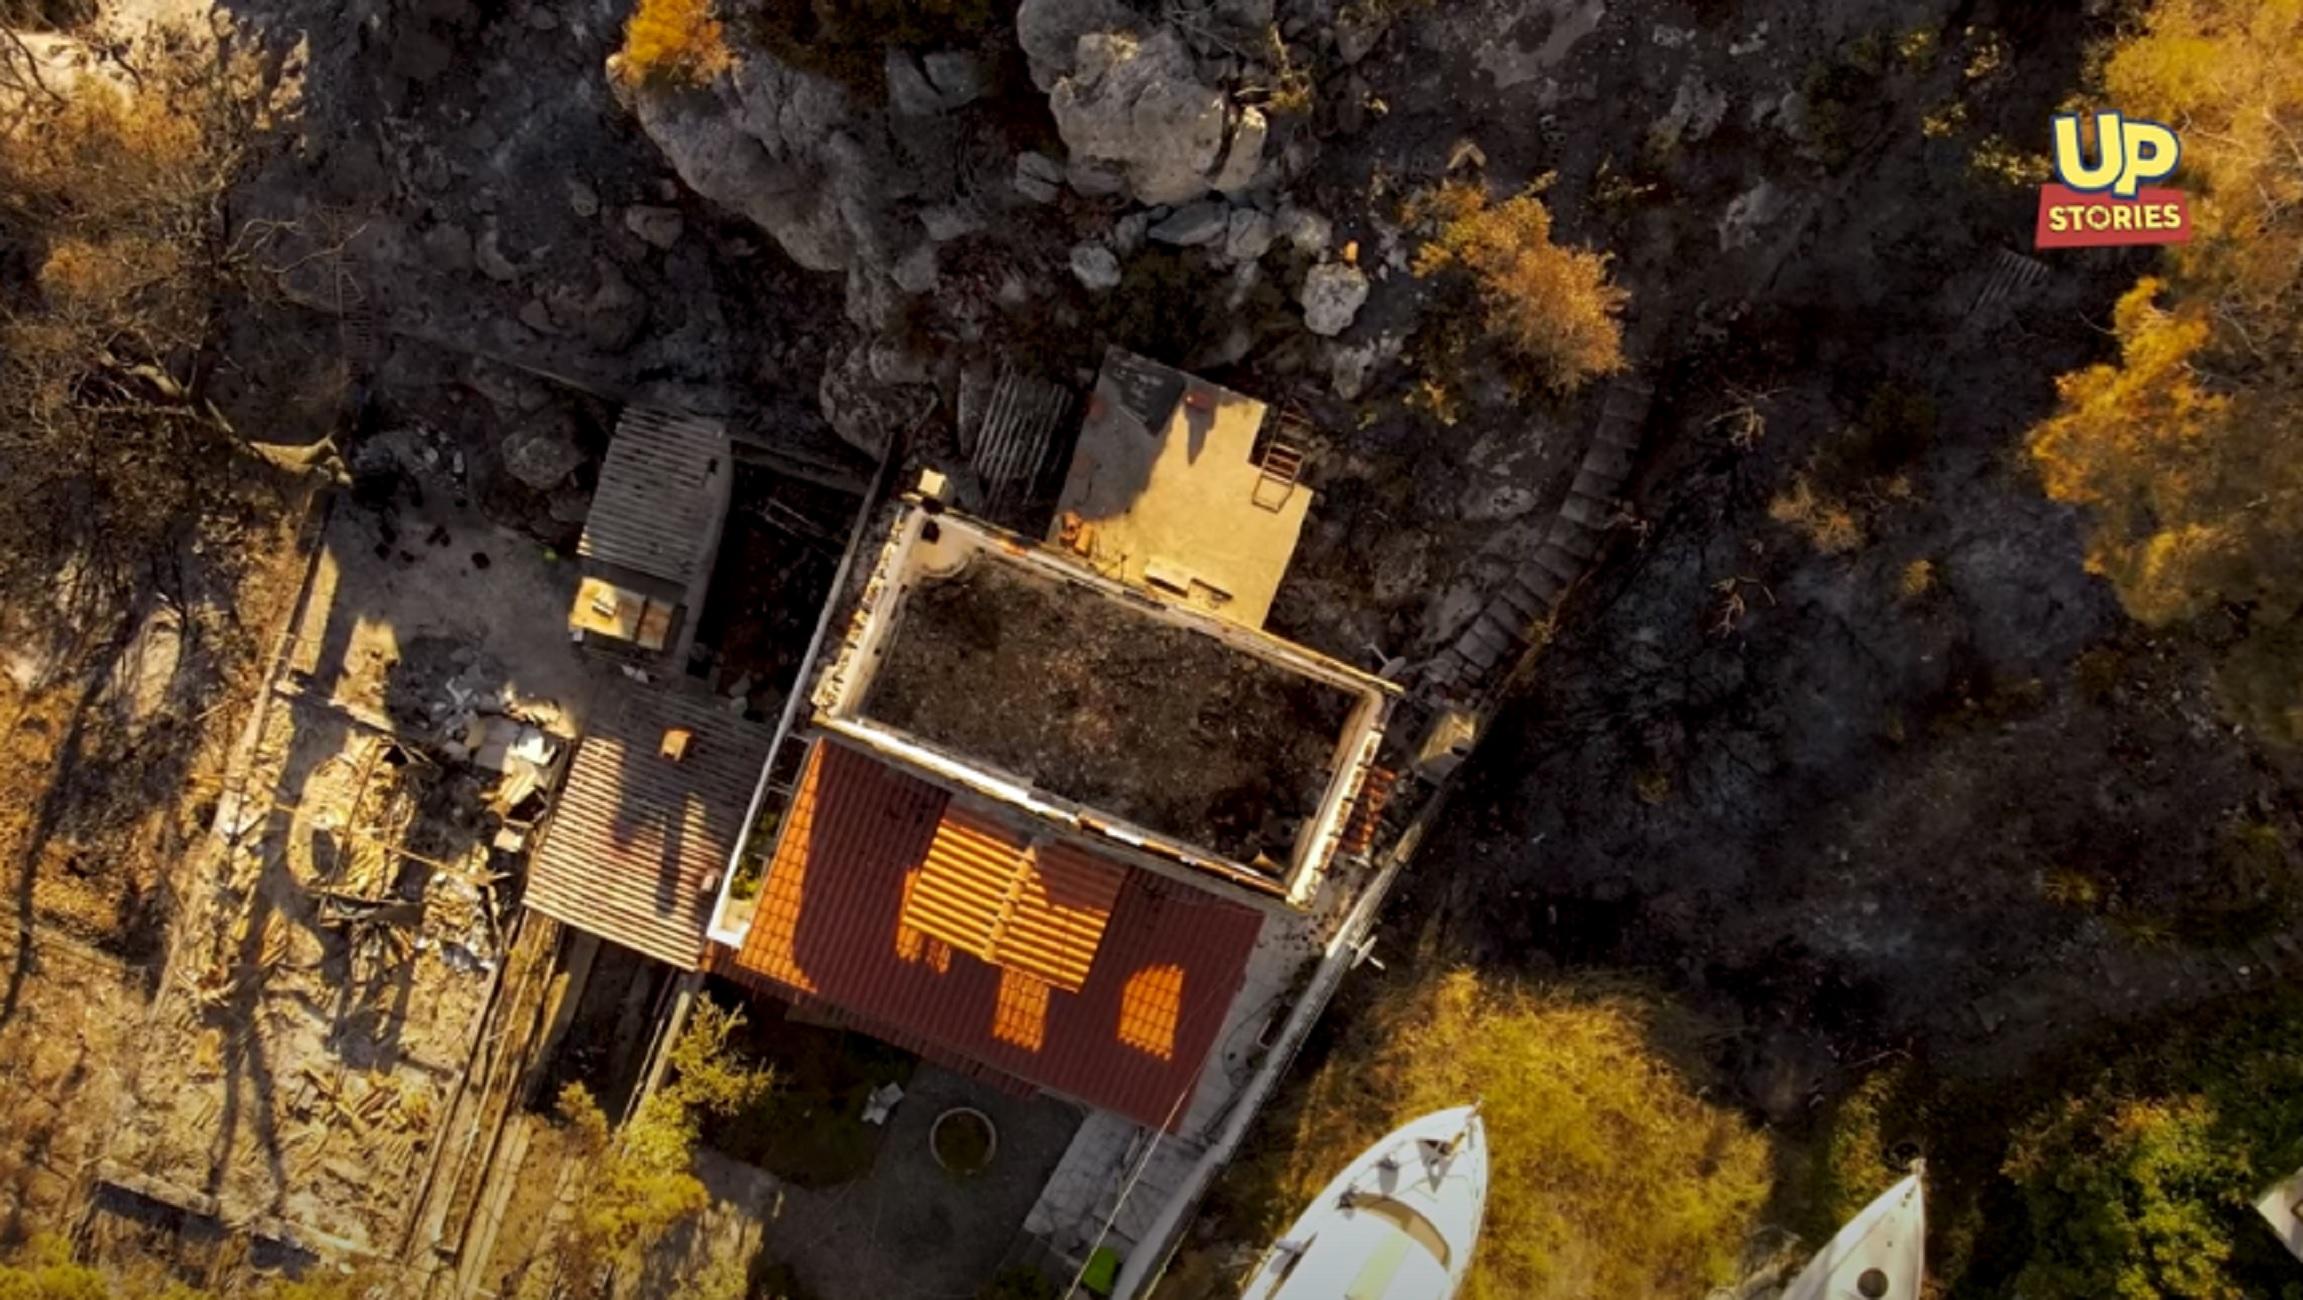 Φωτιά στον Σχίνο: Το πριν και το μετά της οικολογικής καταστροφής – Βίντεο από drone που καθηλώνει